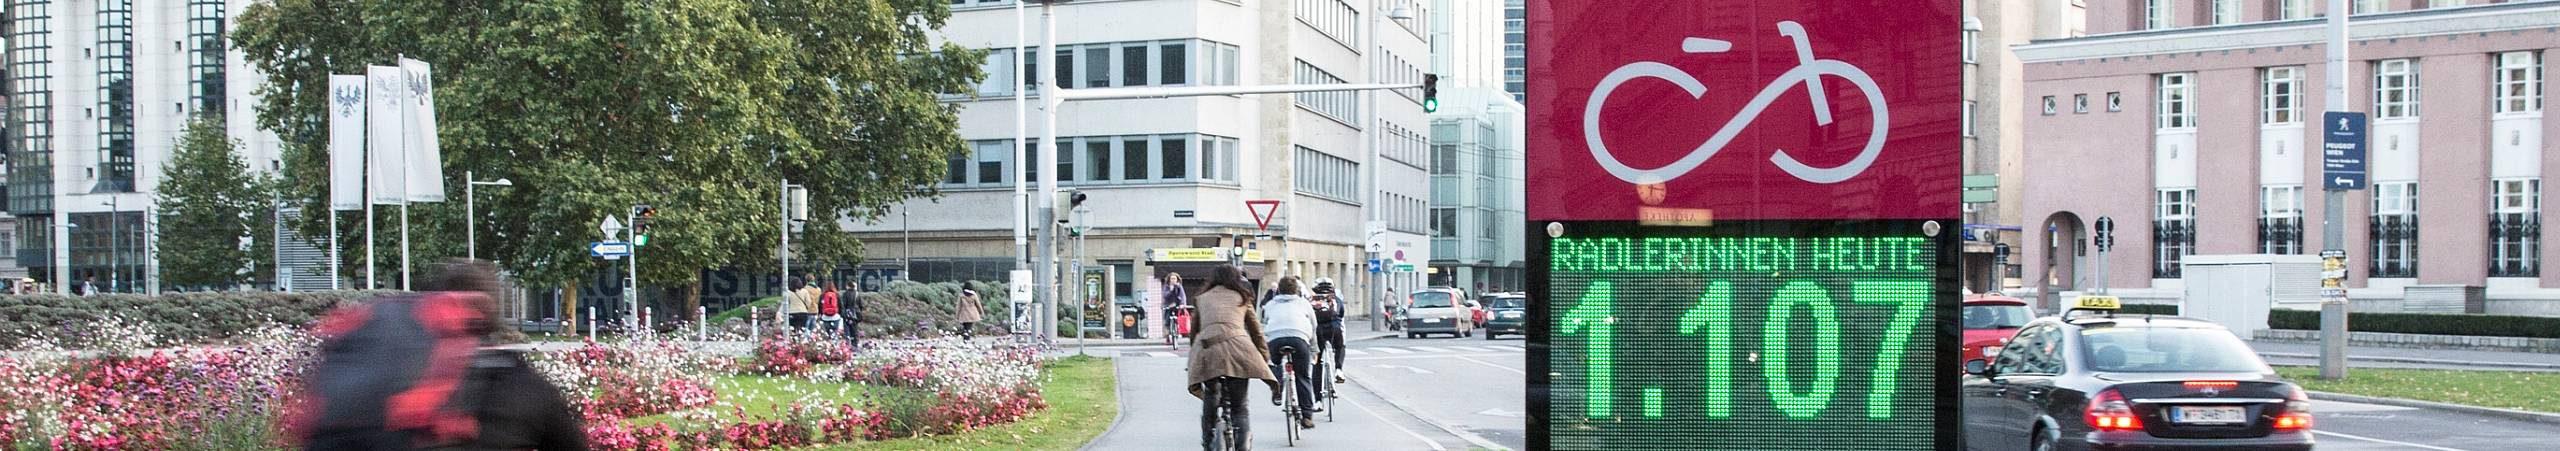 Die Zählstelle am Opernring zeigt schon vormittags mehr als 1000 RadfahrerInnen an.